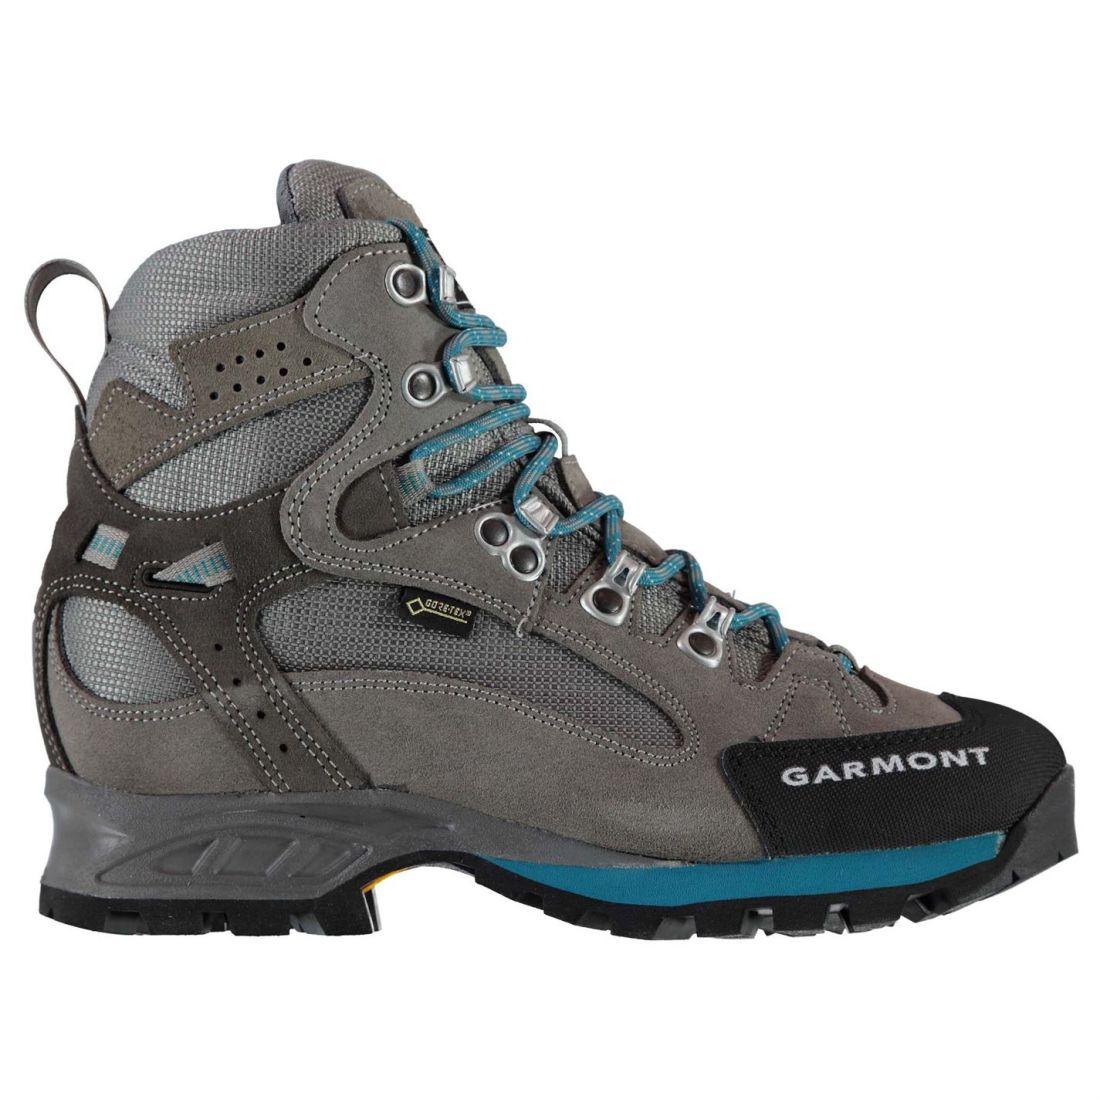 2d4c9636a820 Details about Garmont Womens Rambler GTX Walking Boots Shoes Gore Tex  Lightweight Waterproof